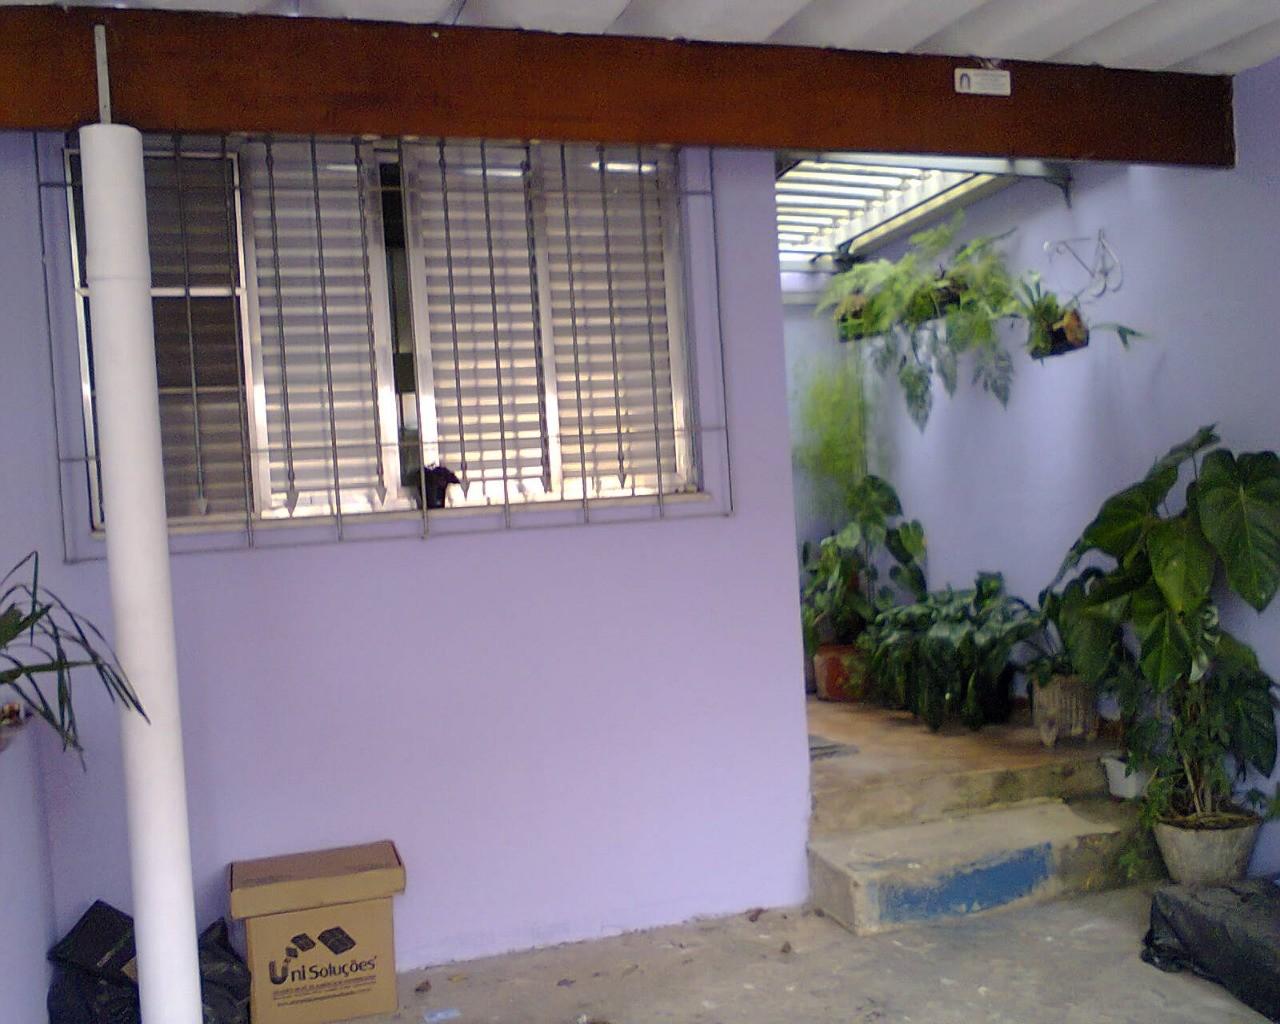 comprar ou alugar casa no bairro capela do socorro na cidade de sao paulo-sp